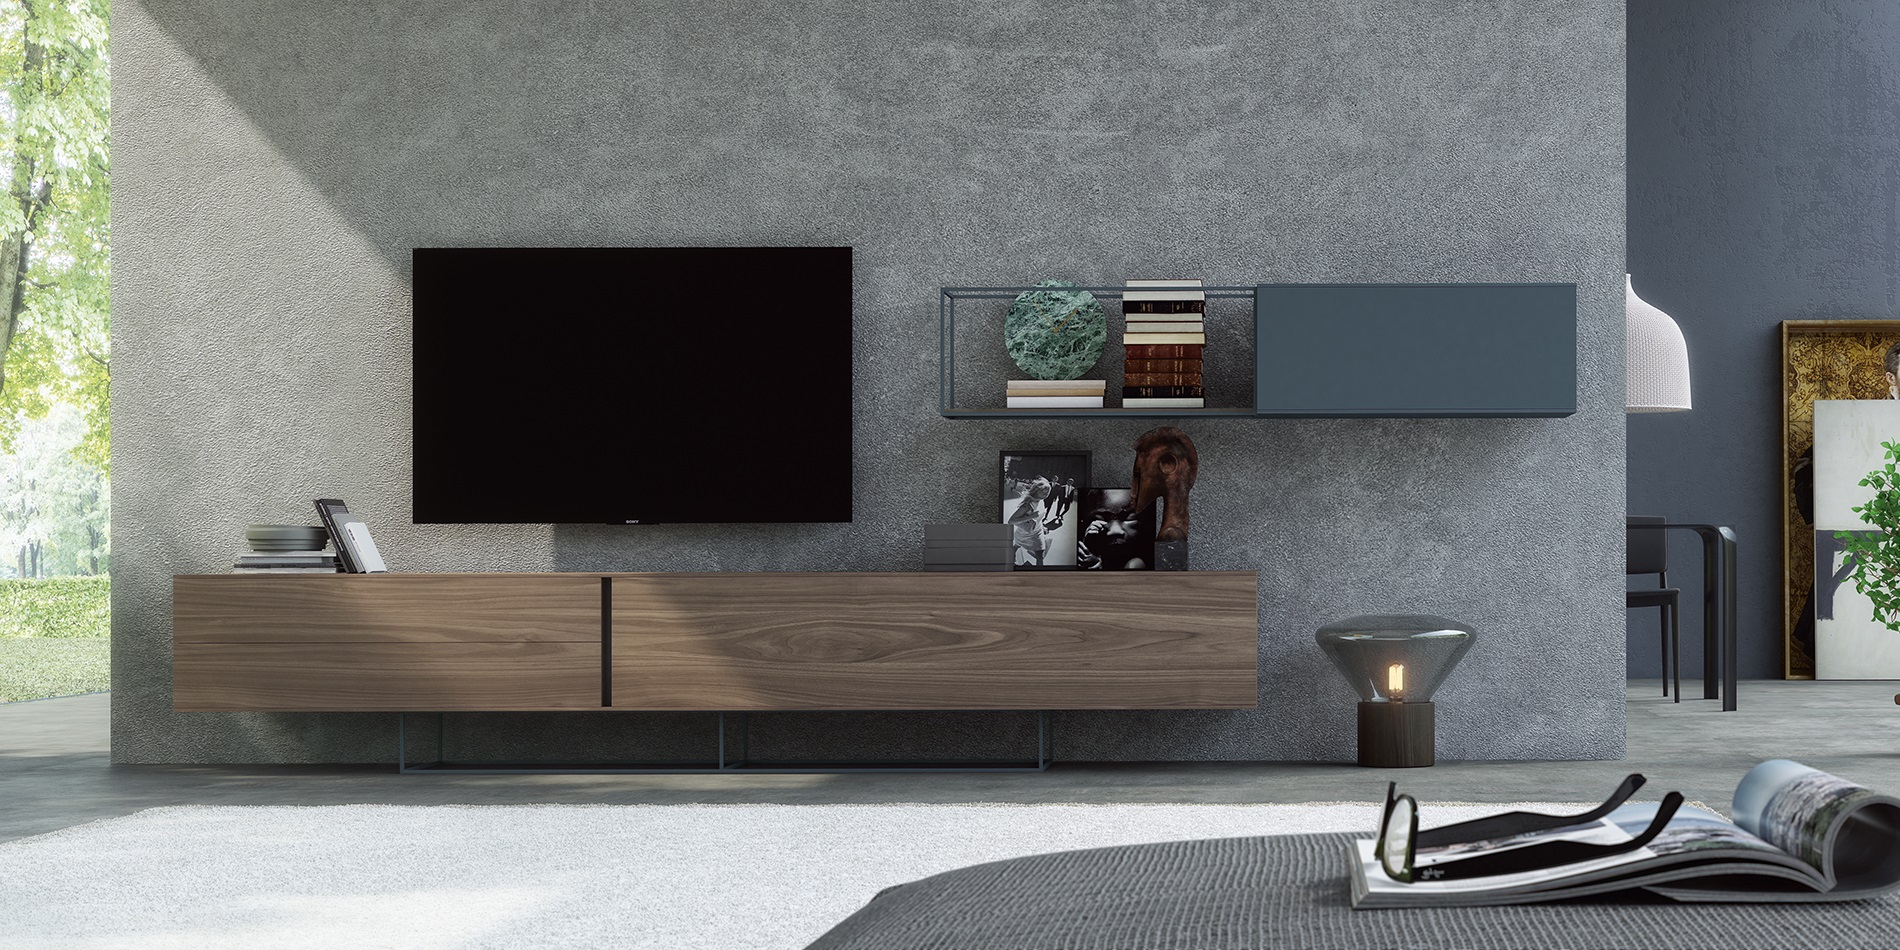 salon-moderno-besform-02